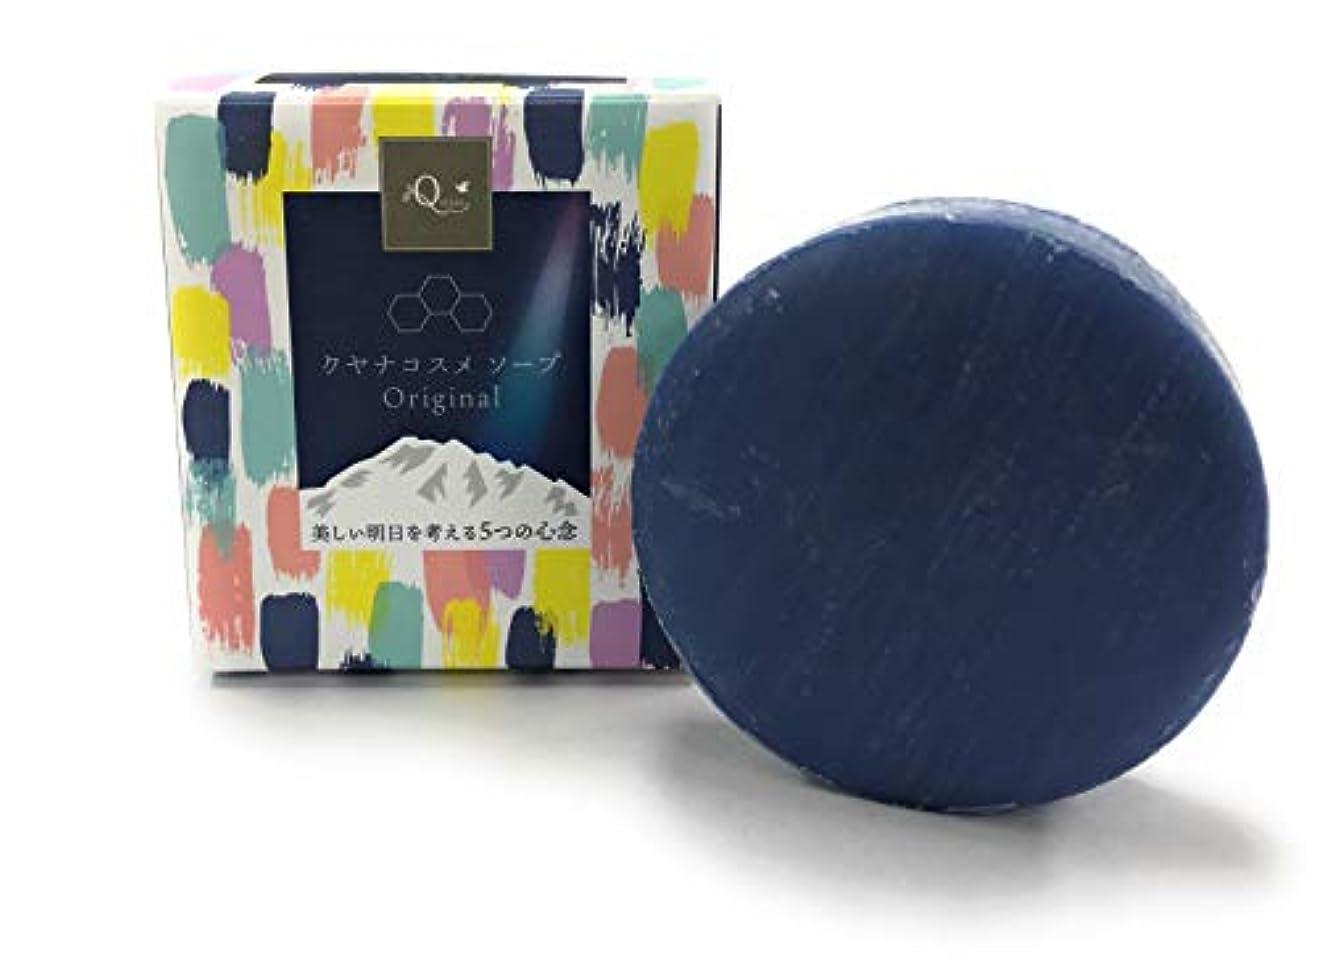 不足支配的無駄だクヤナ クヤナソープ 洗顔石鹸 はちみつ 自然の成分で洗う優しいせっけん 90g